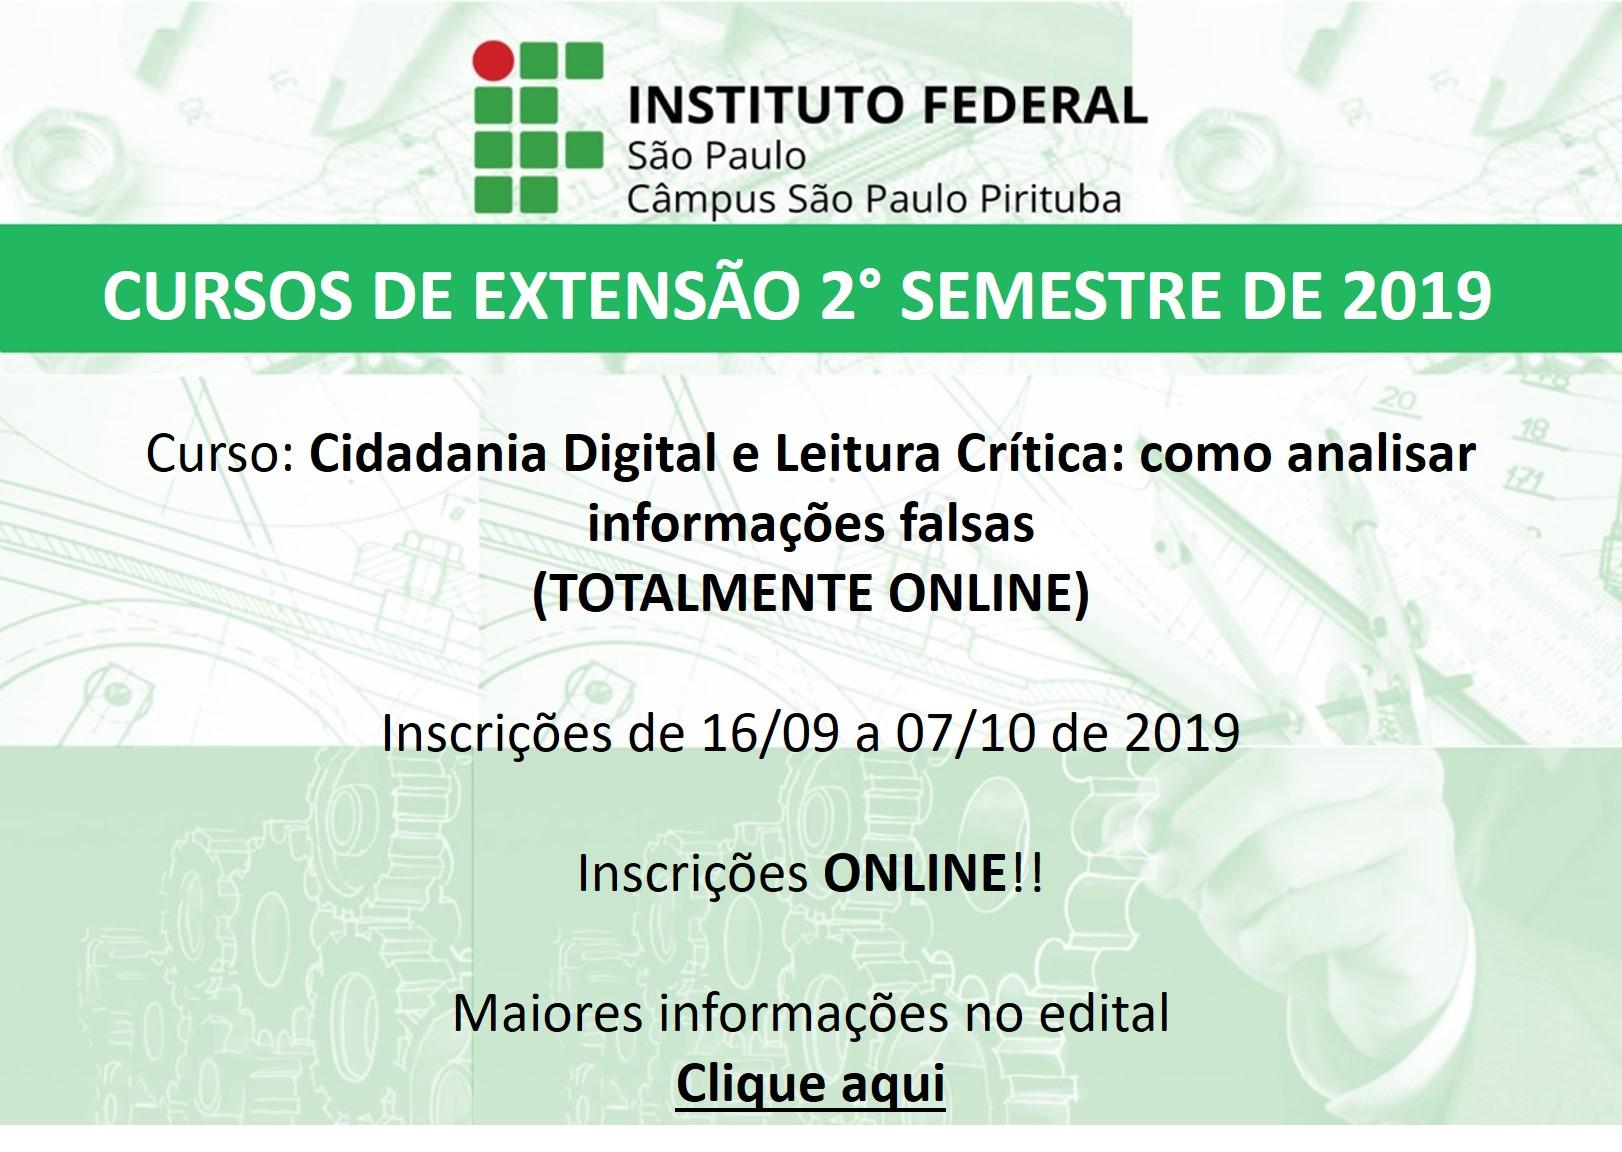 Curso Cidadania Digital: Inscrições abertas